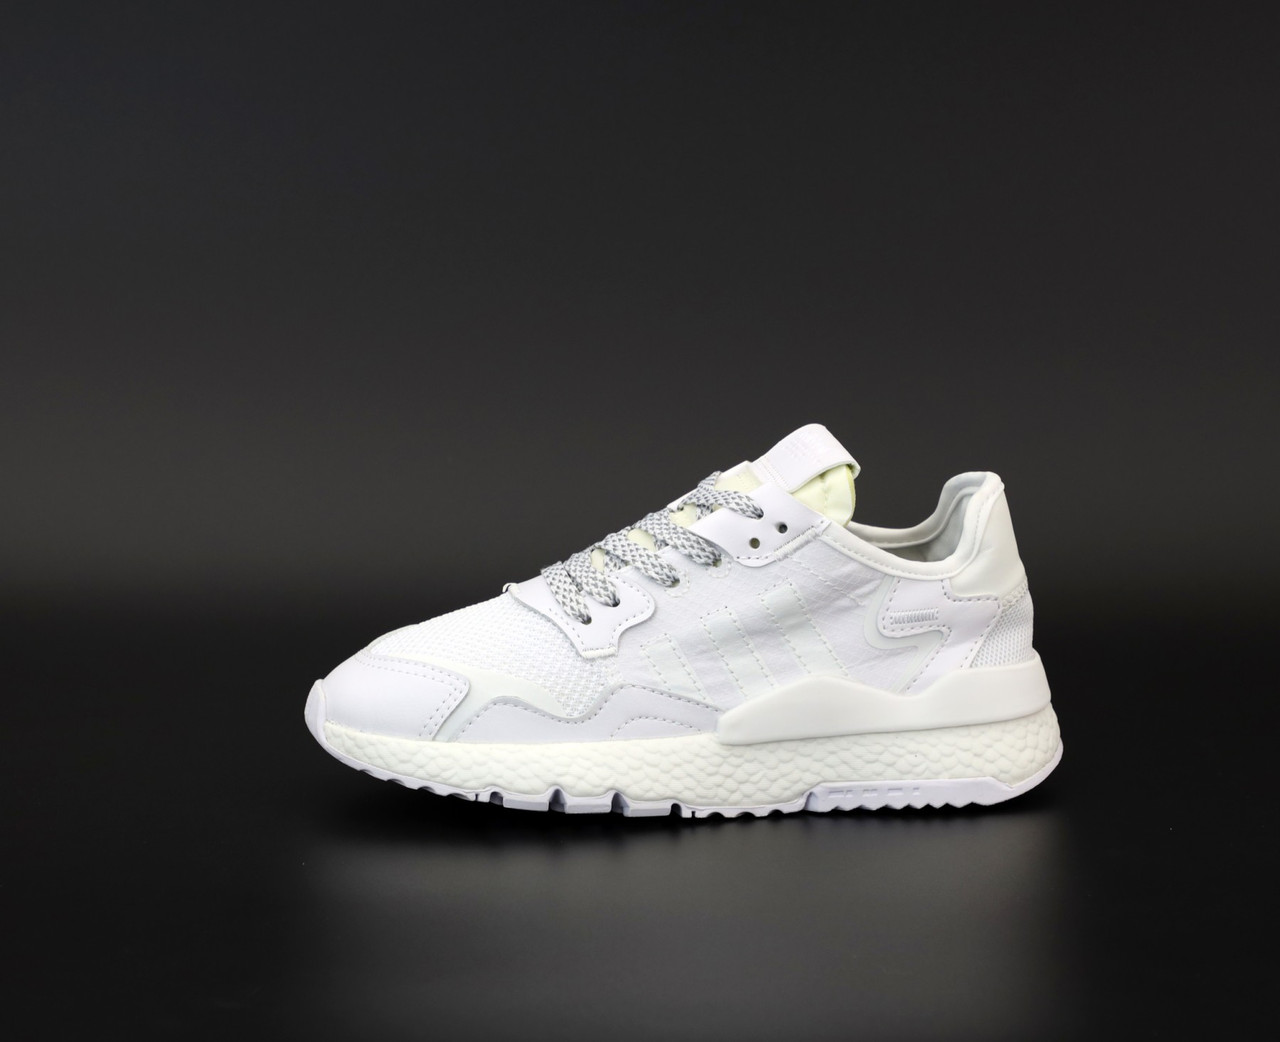 Женские кроссовки Adidas Nite Jogger, женские кроссовки адидас найт джоггер, кросівки Adidas Nite Jogger